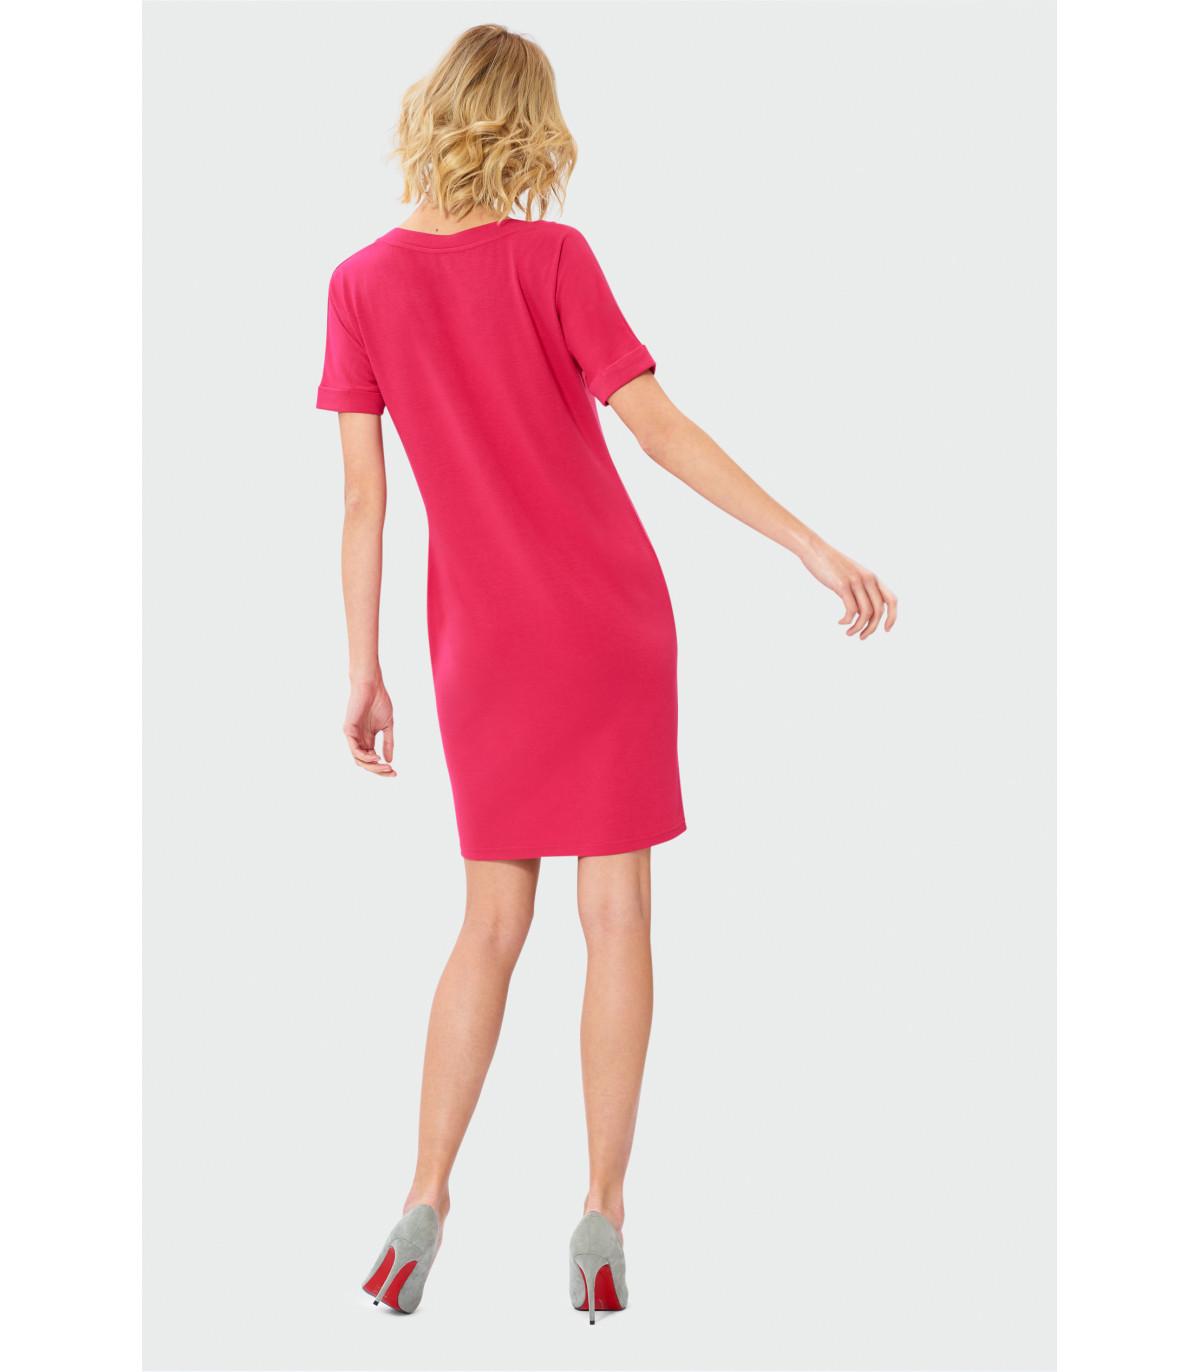 dbf1cbc850 Sukienka z dekoltem w szpic Rozmiar 38 Kolor S19REROU